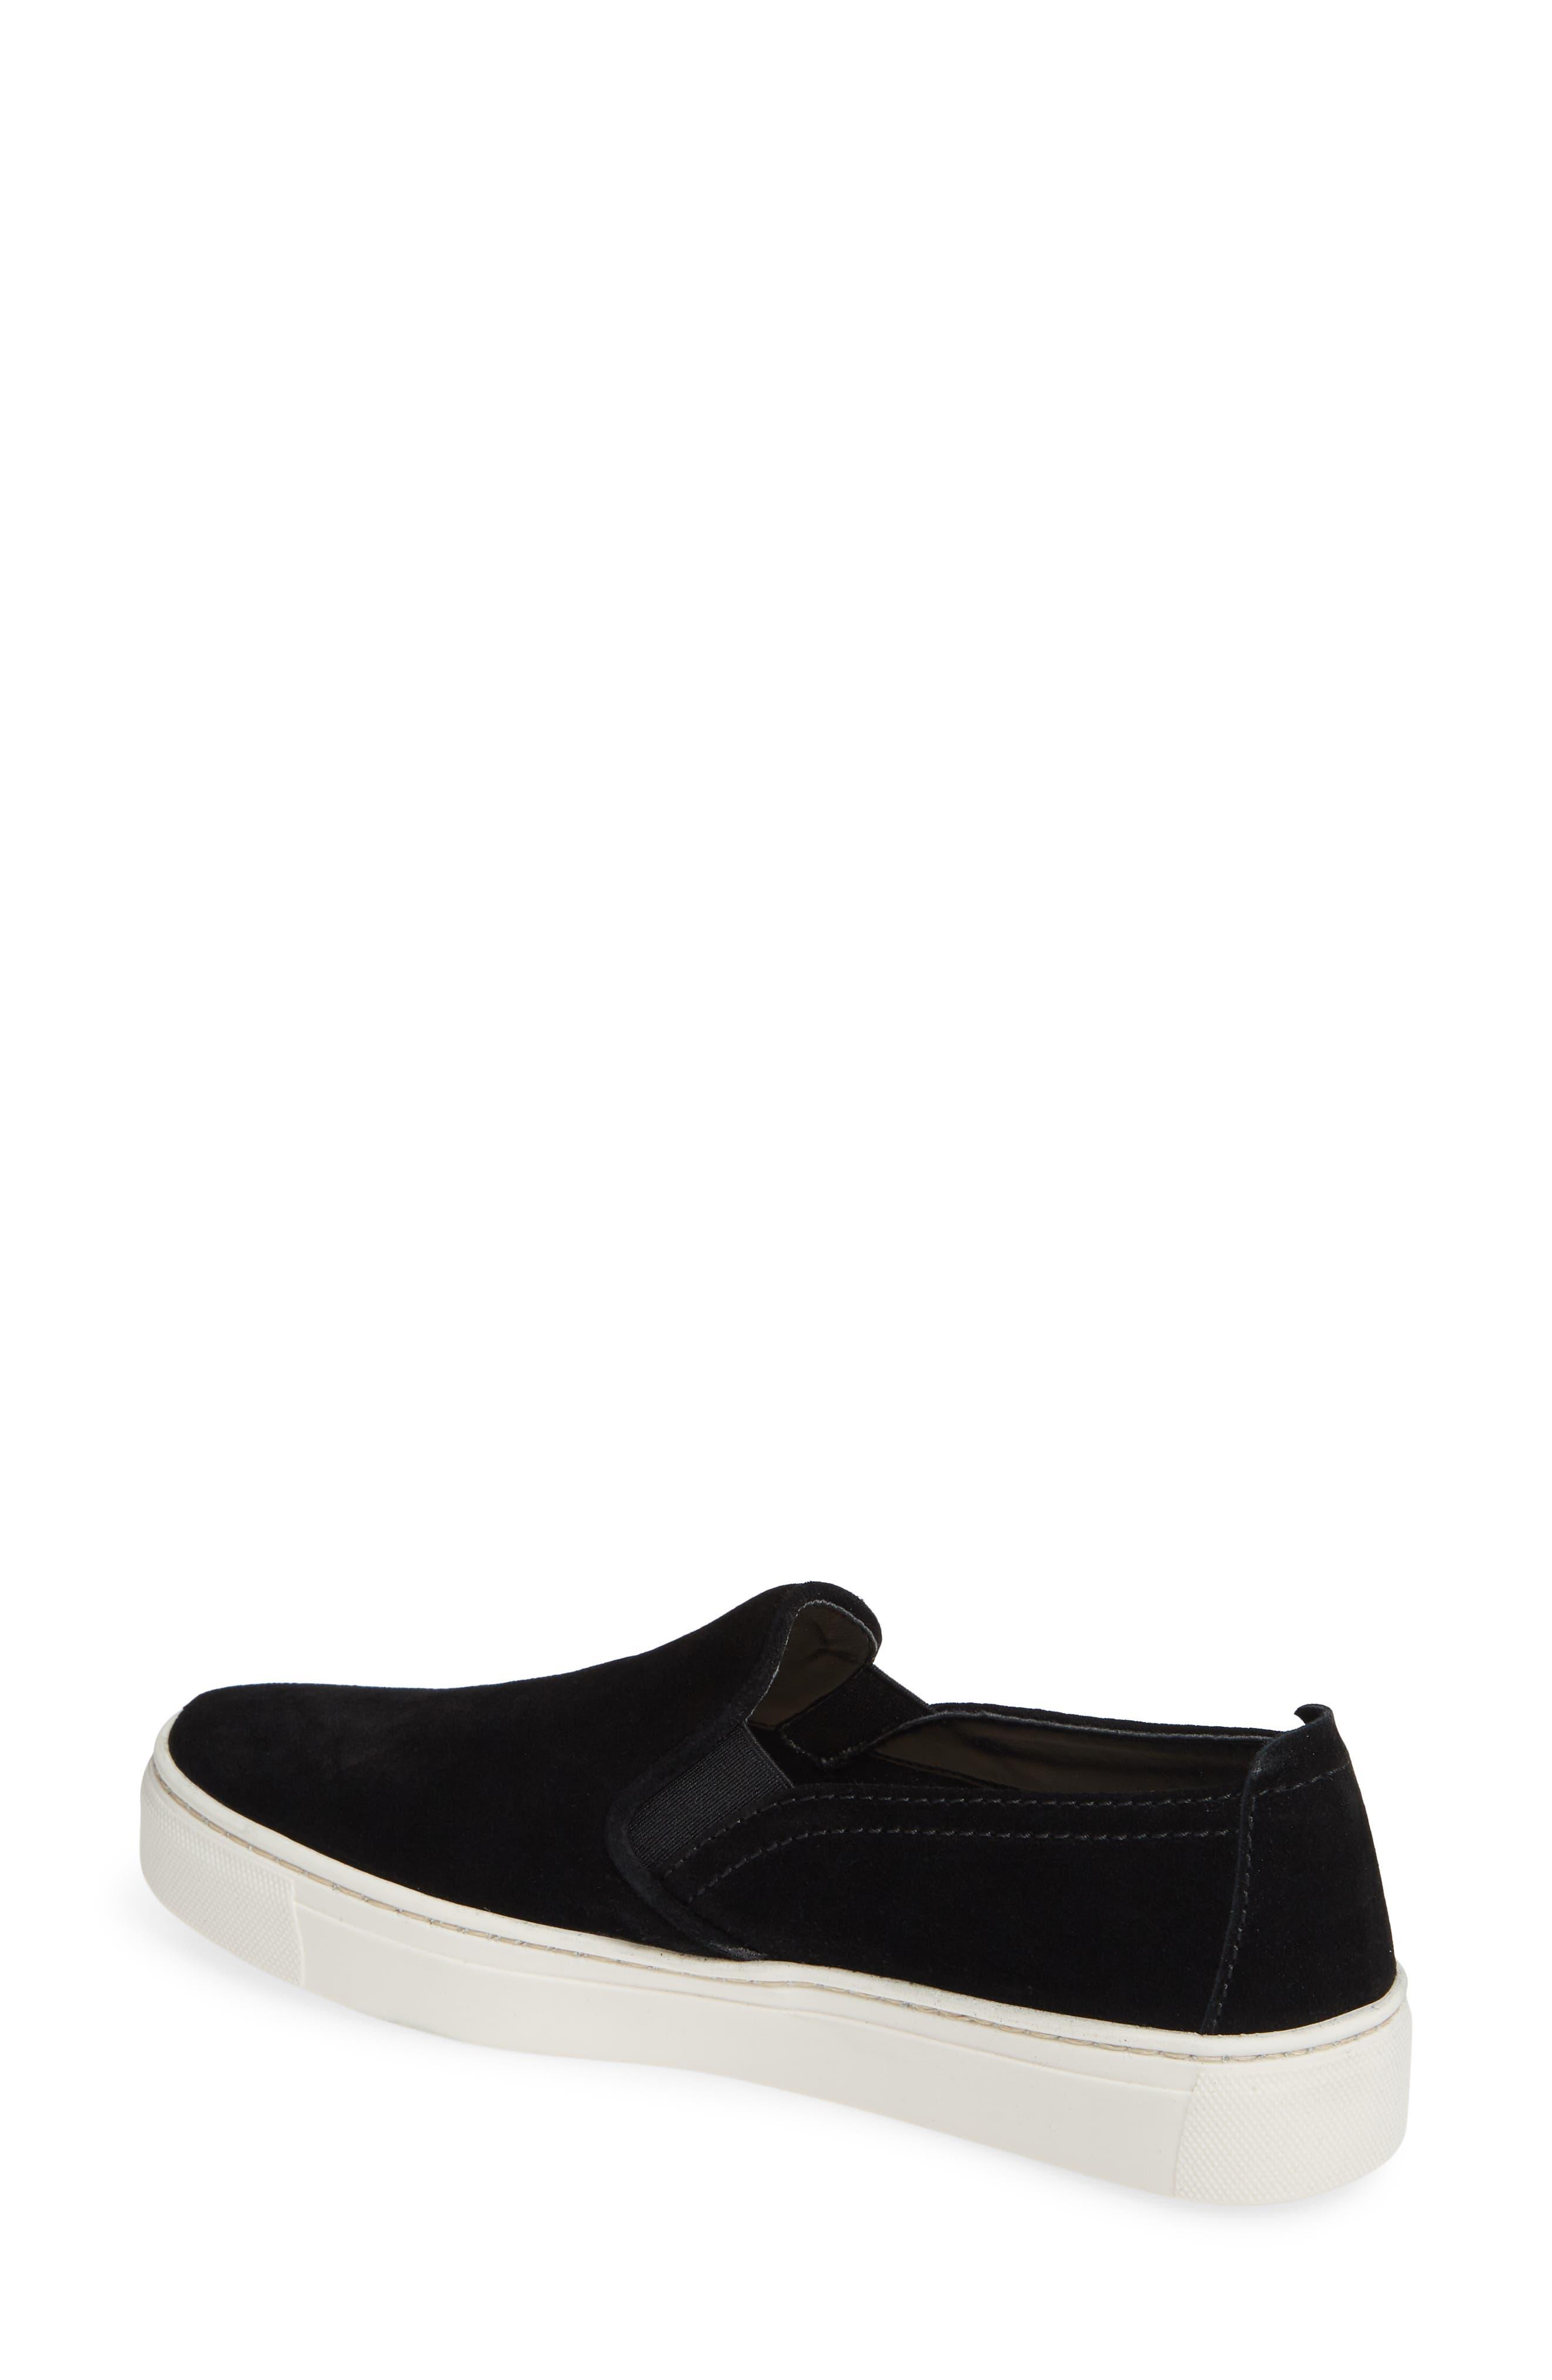 'Sneak Name' Sneaker,                             Alternate thumbnail 2, color,                             BLACK WATERPROOF SUEDE